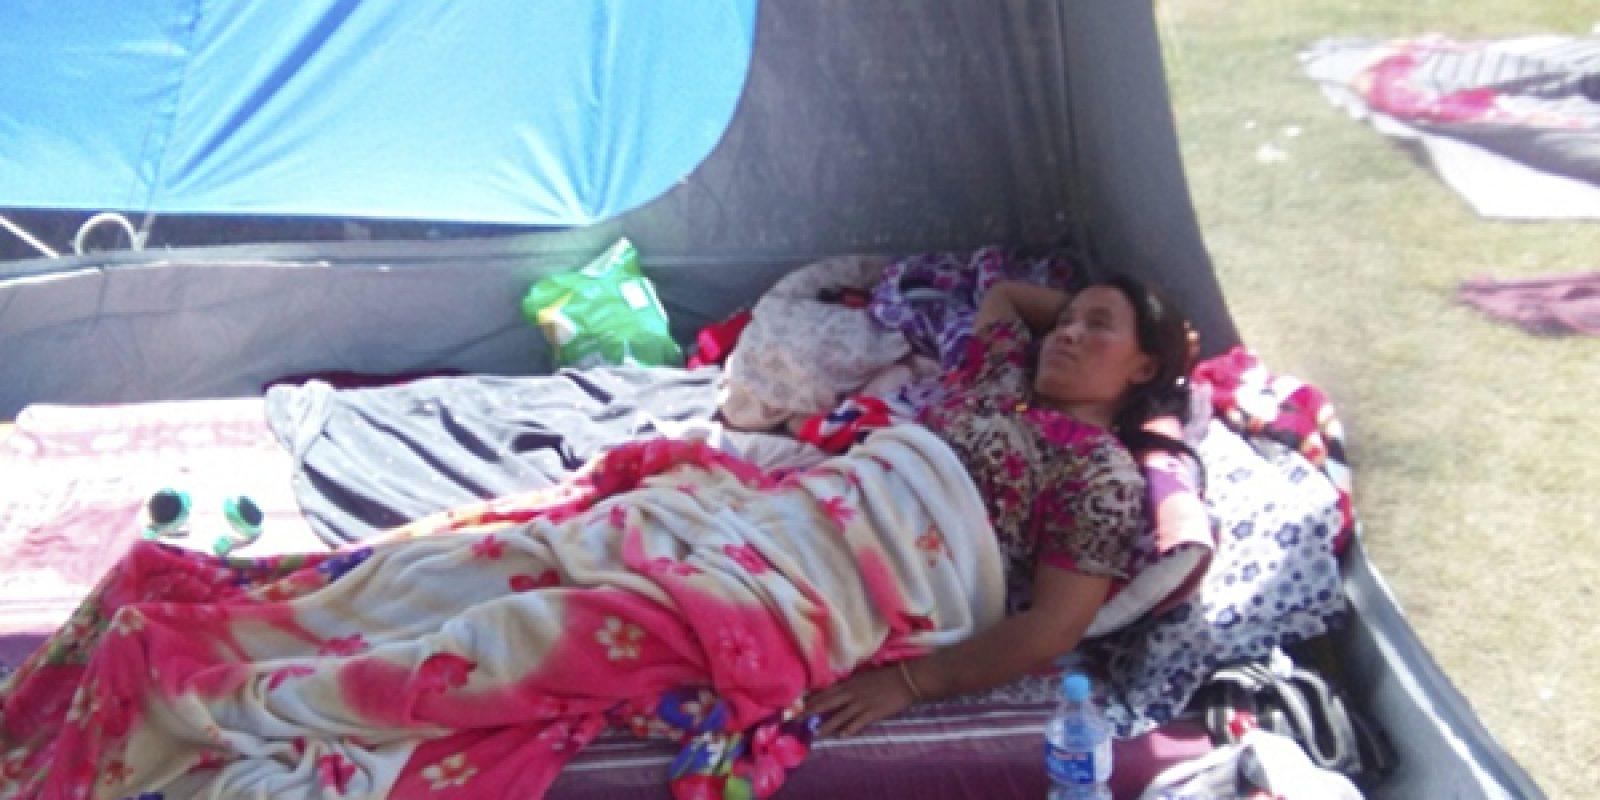 Tibétaine, dont le bassin a été fracturé lors du séisme du Népal du 25 avril 2015, dans son abri de fortune.